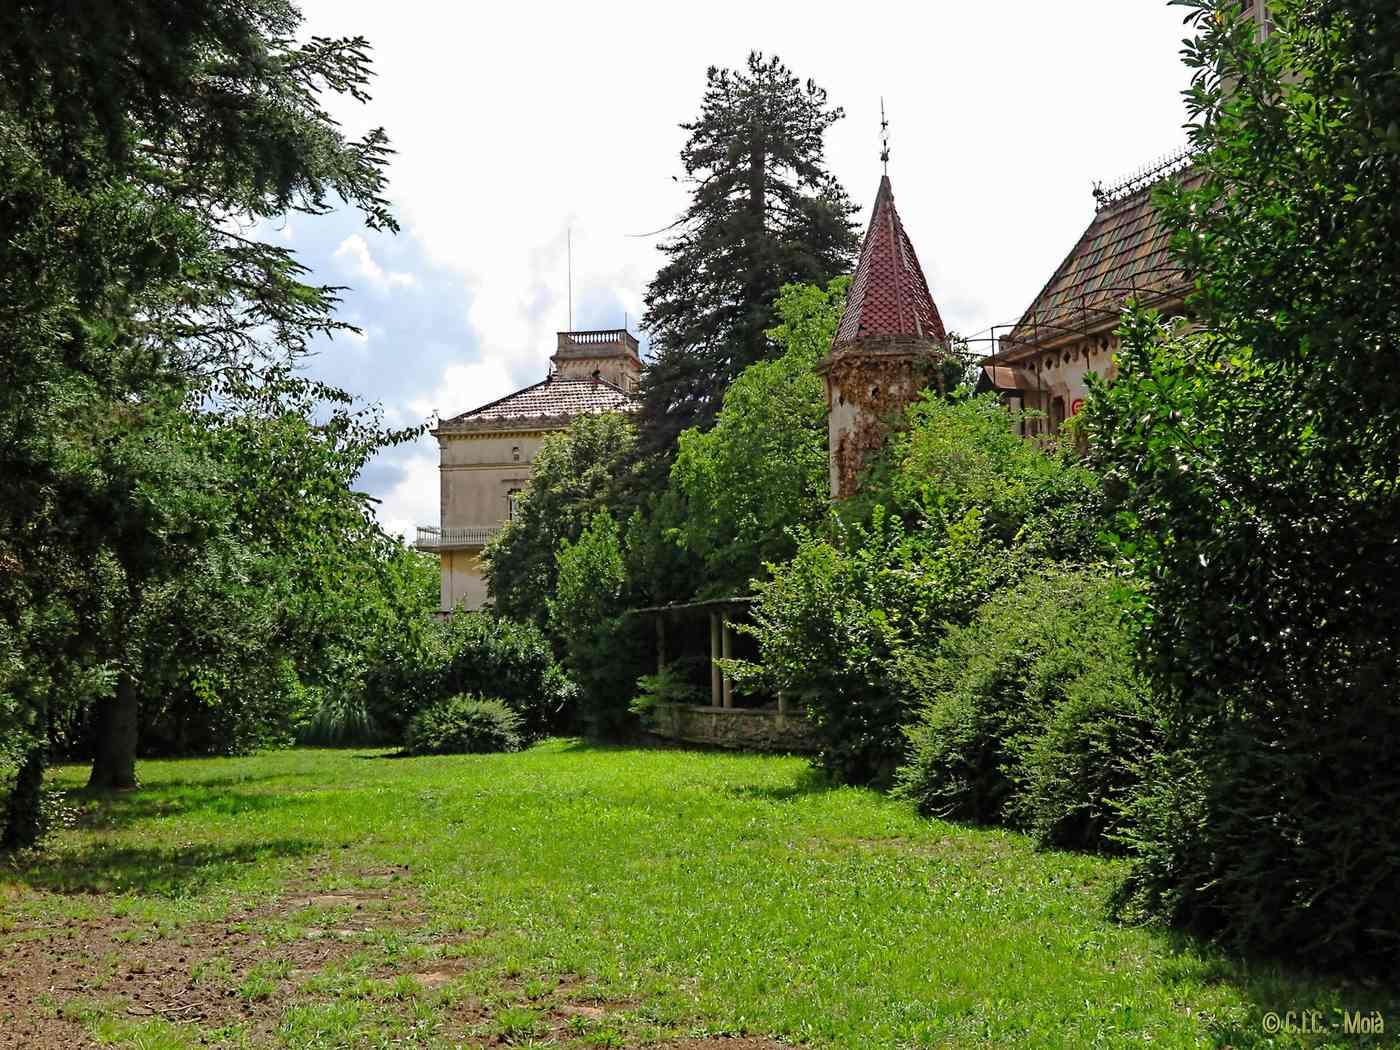 jardi-romantic-moia-CIC_08092015-6809